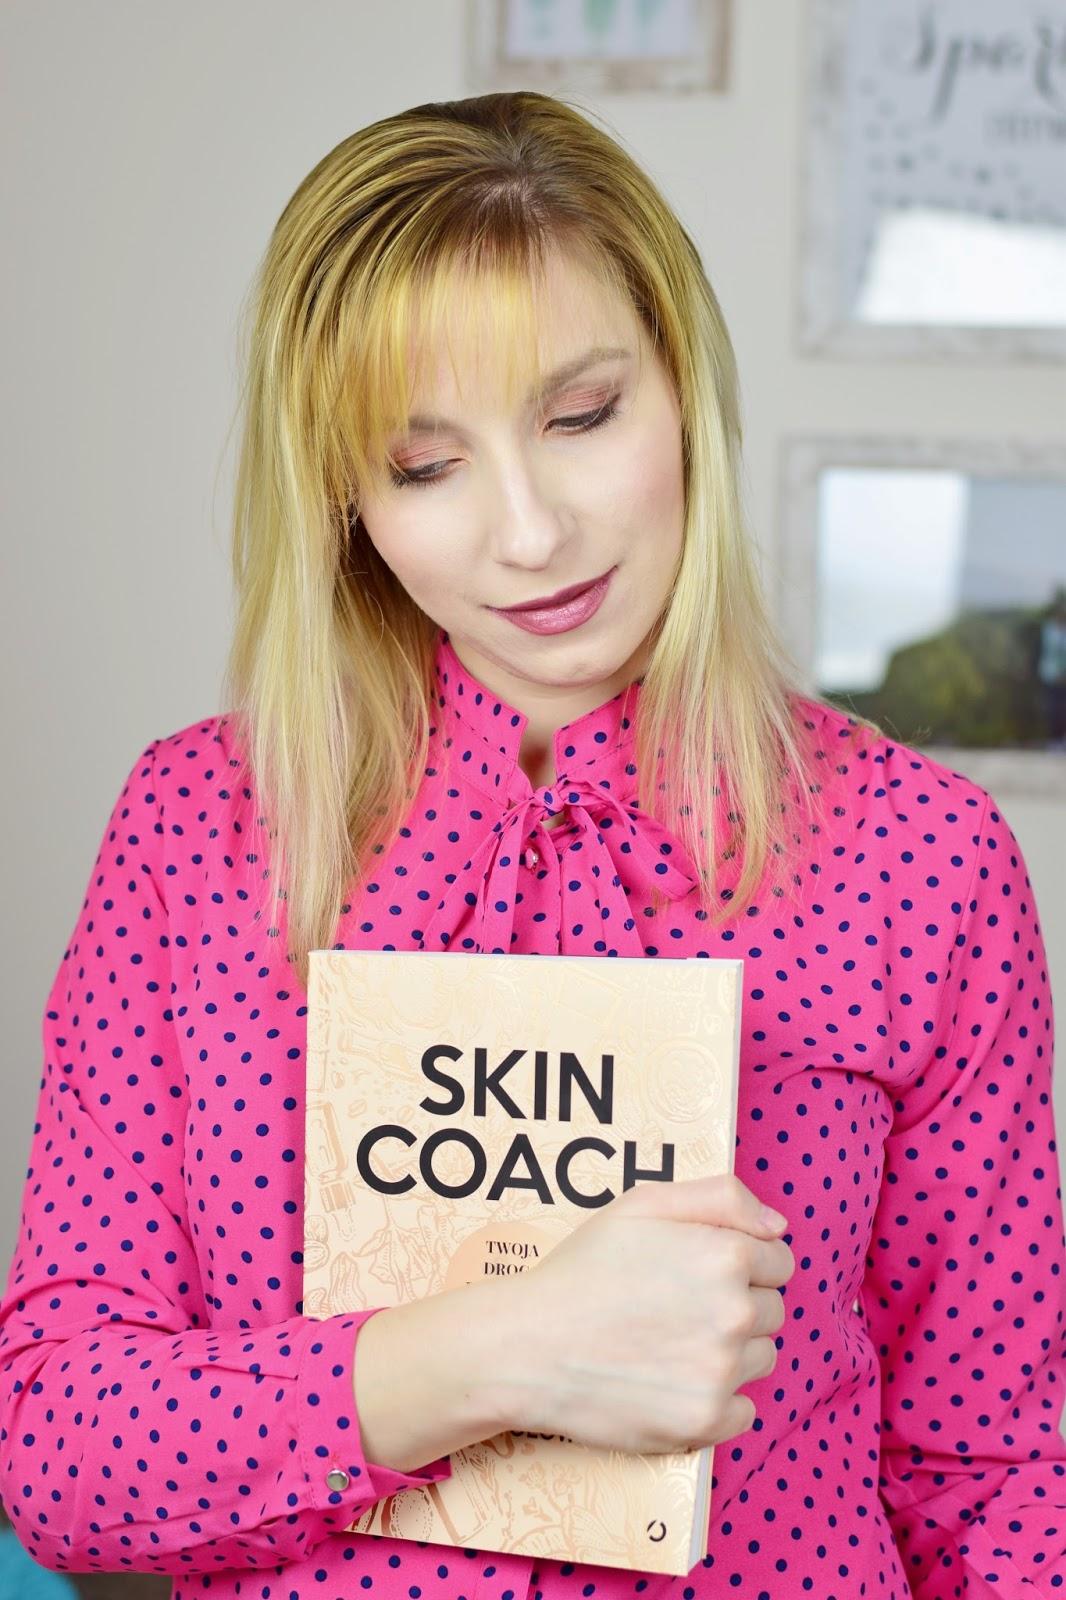 bożena_społowicz_skin_coach_książka_recenzja_opinia_blog